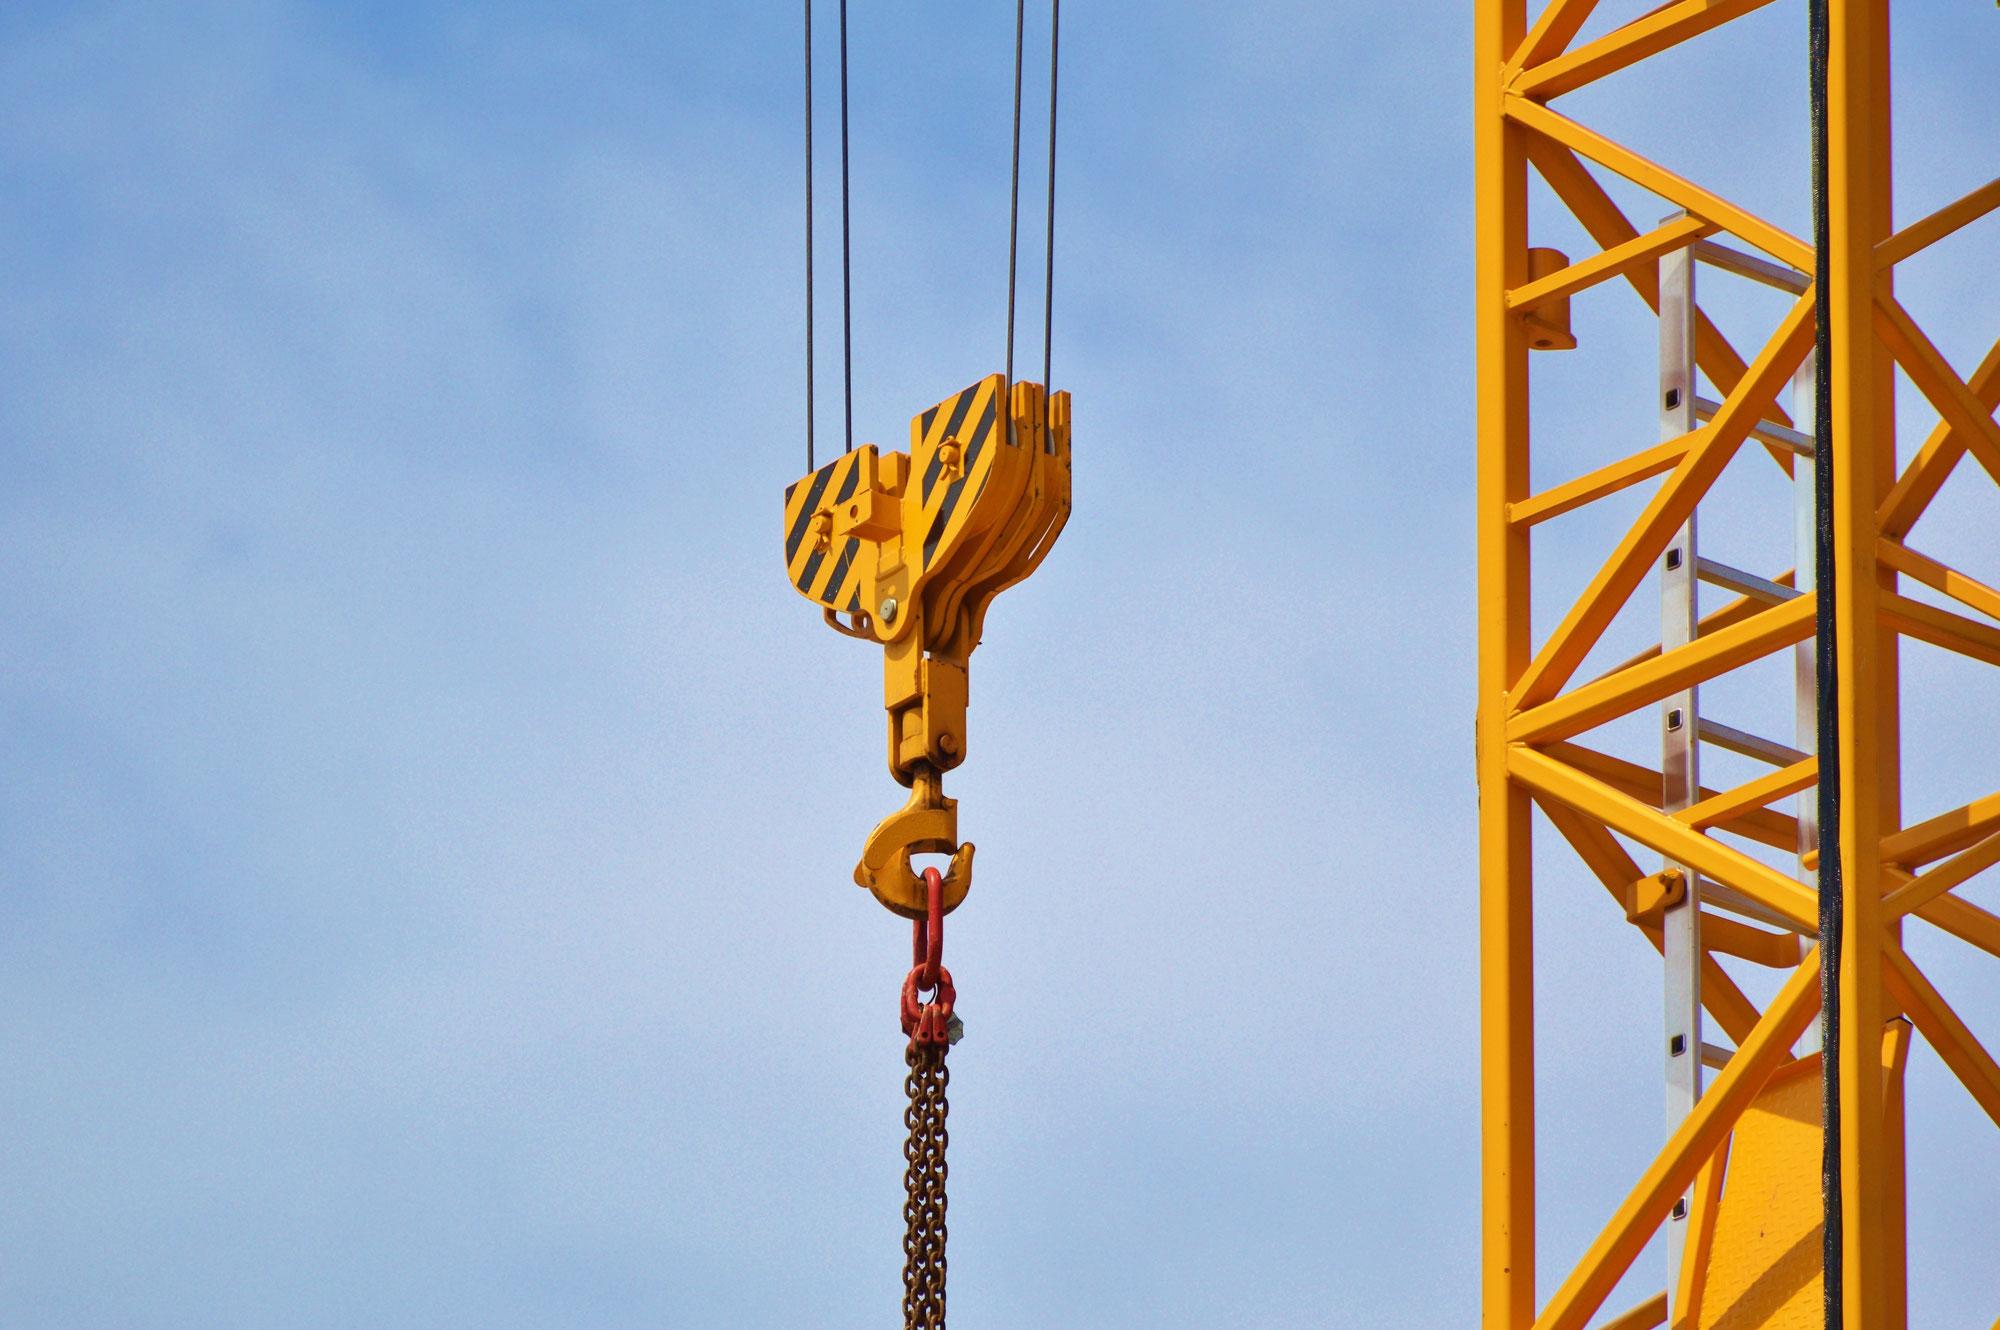 Definitive Eintragung des Bauhandwerkerpfandrechts - Schlichtung notwendig?